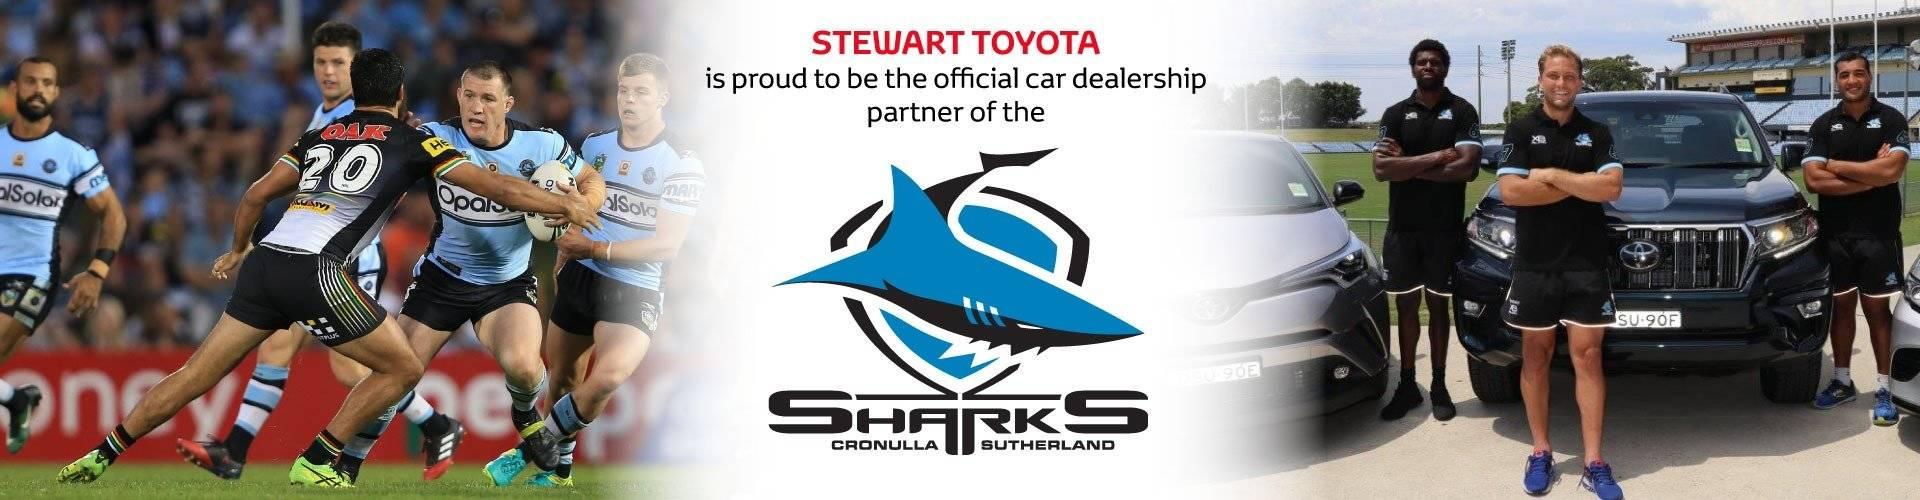 Stewart Toyota Sponsership